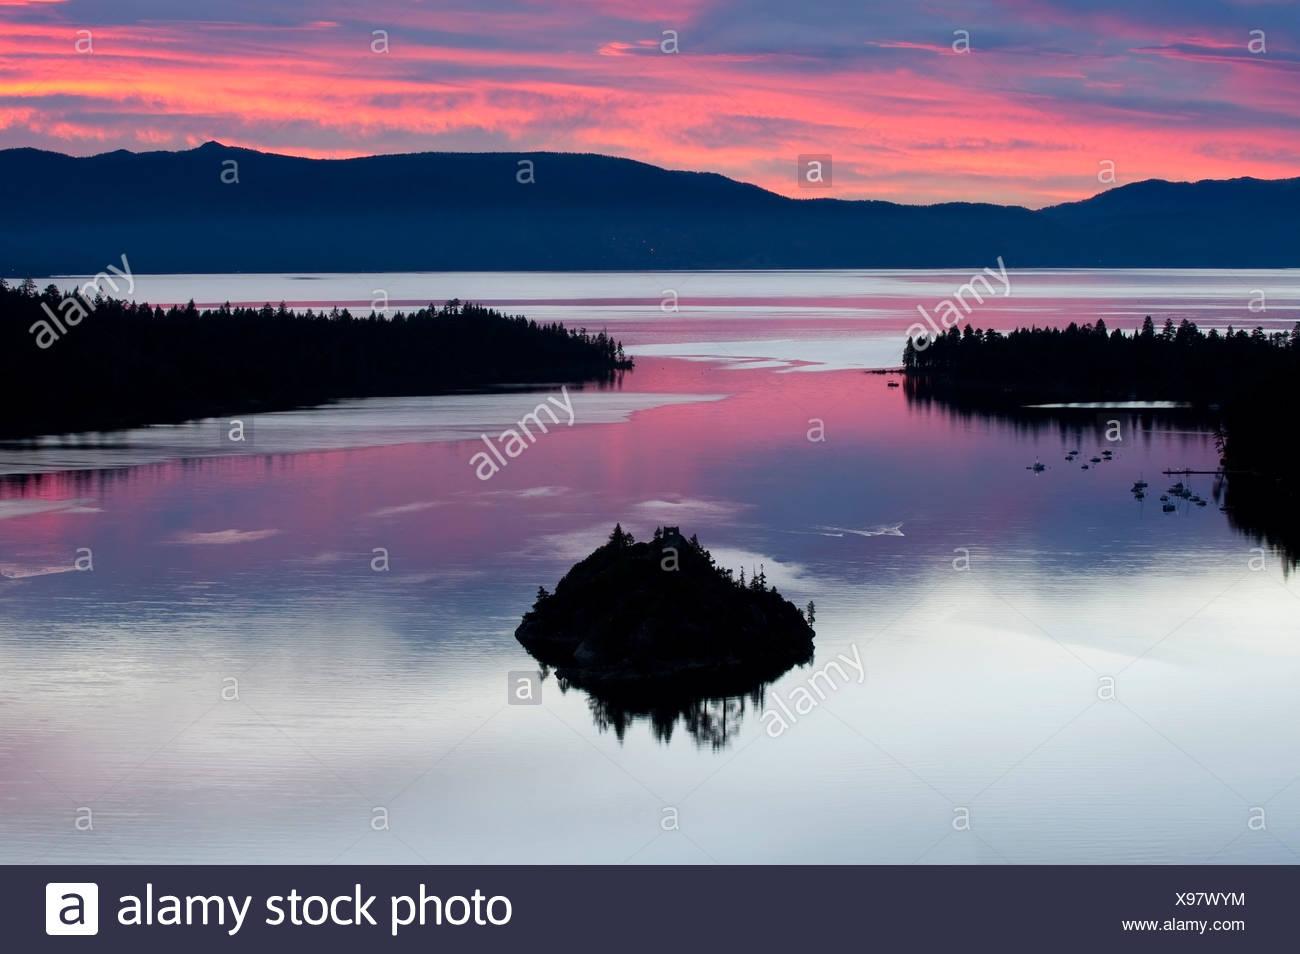 Eine Silhouette von Fannette Island in der Emerarld Bucht bei einem wunderschönen Sonnenaufgang in Lake Tahoe, Kalifornien. Stockbild